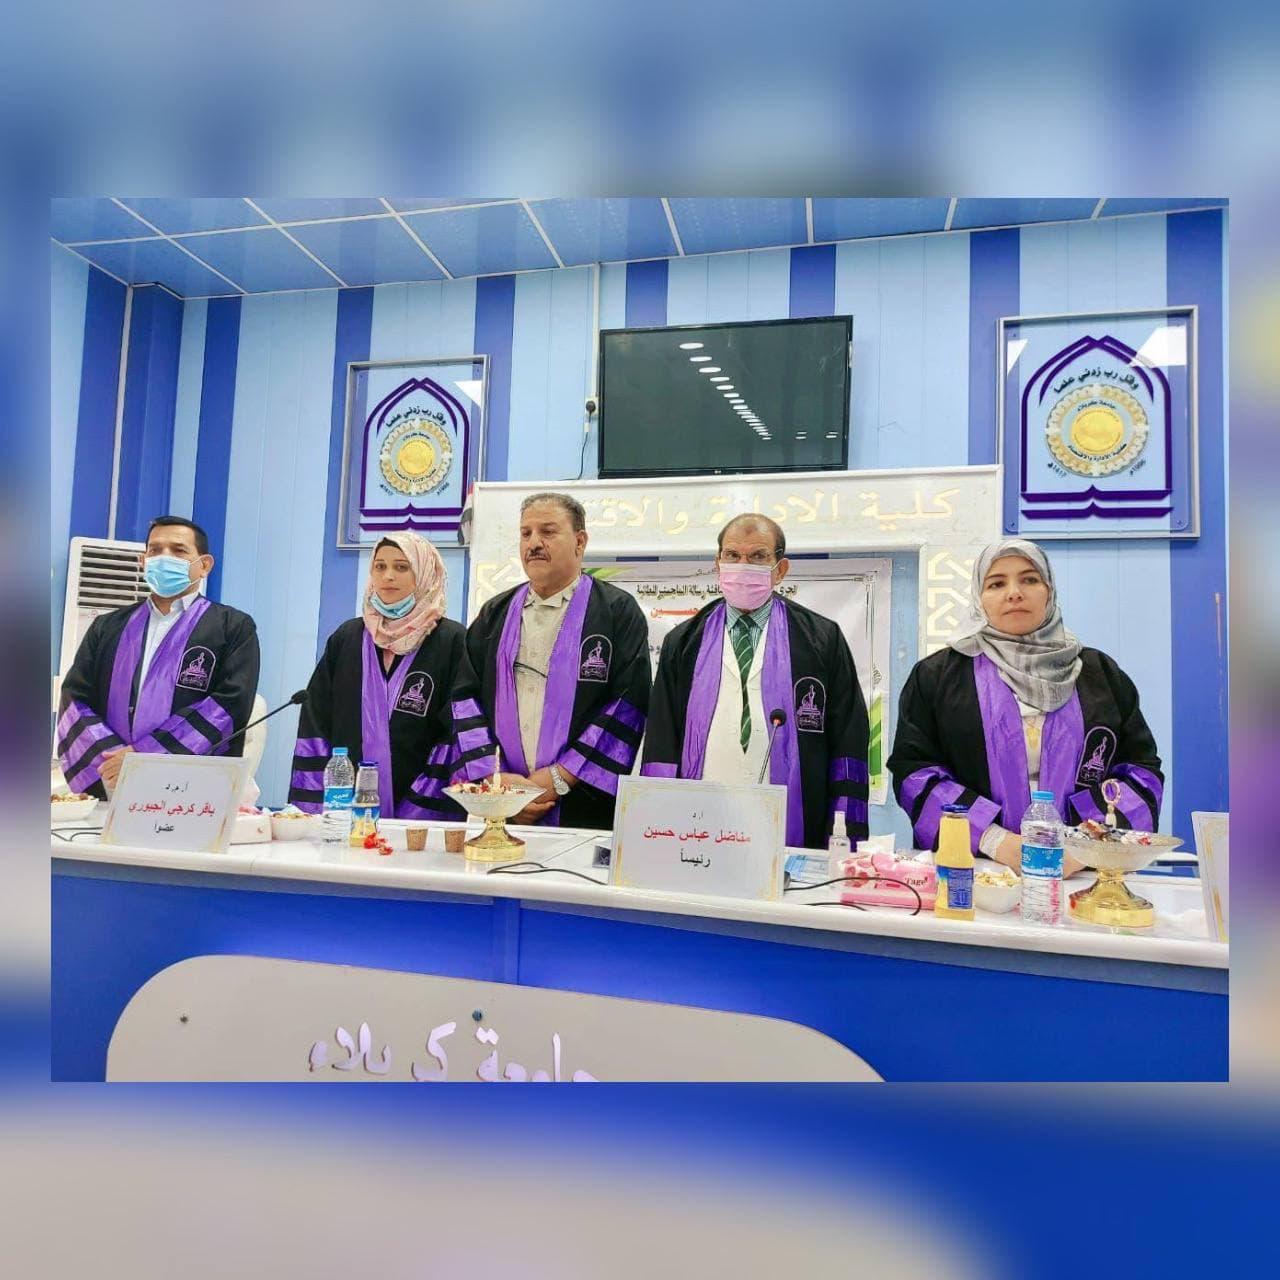 You are currently viewing رسالة ماجستير في جامعة كربلاء تناقش سياسة تمويل المشاريع الصغيرة ودورها في معالجة البطالة في العراق